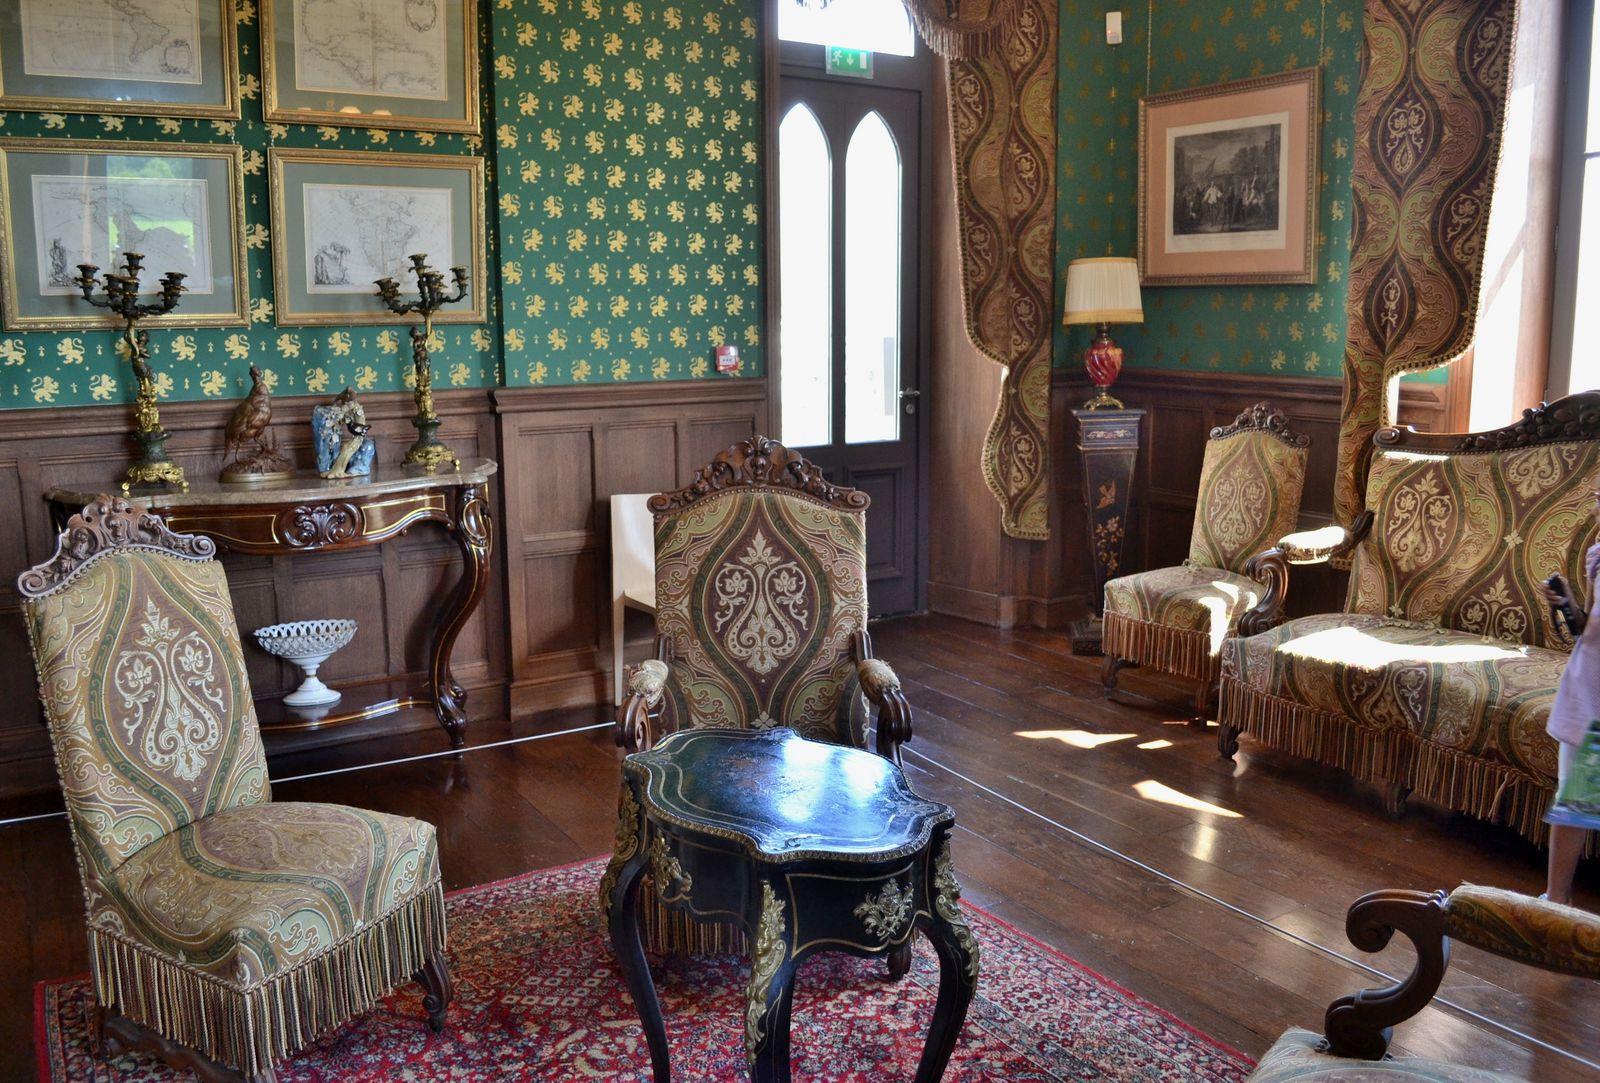 Les deux salons à l'ambiance très cosy et élégante, avec ces boiseries, mais aussi ces gros canapés rouges et ces vases magnifiques...